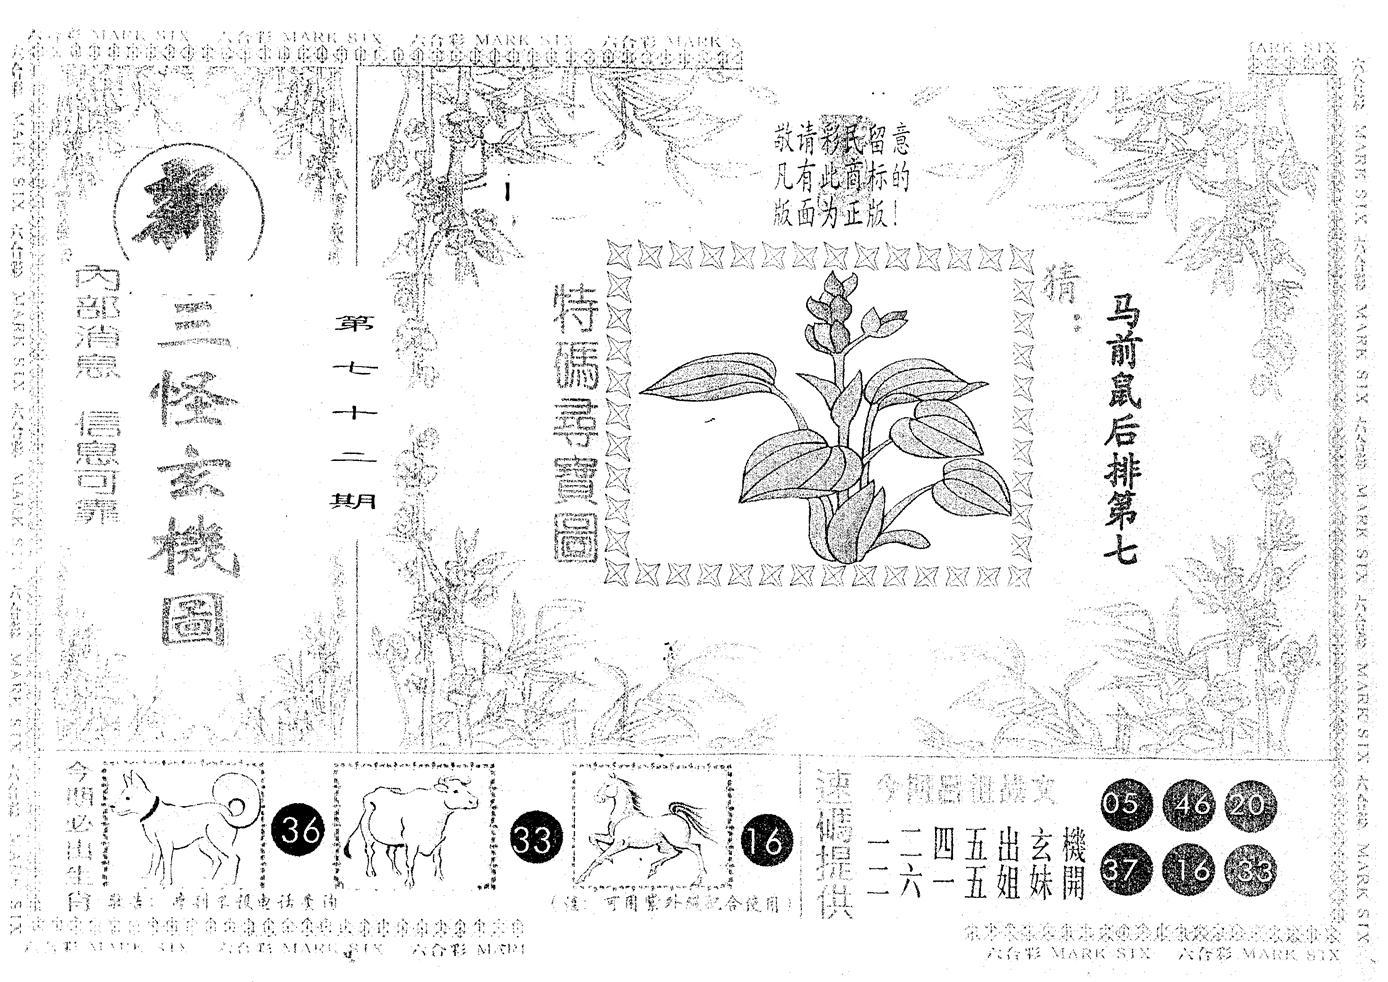 072期另版新三怪(黑白)